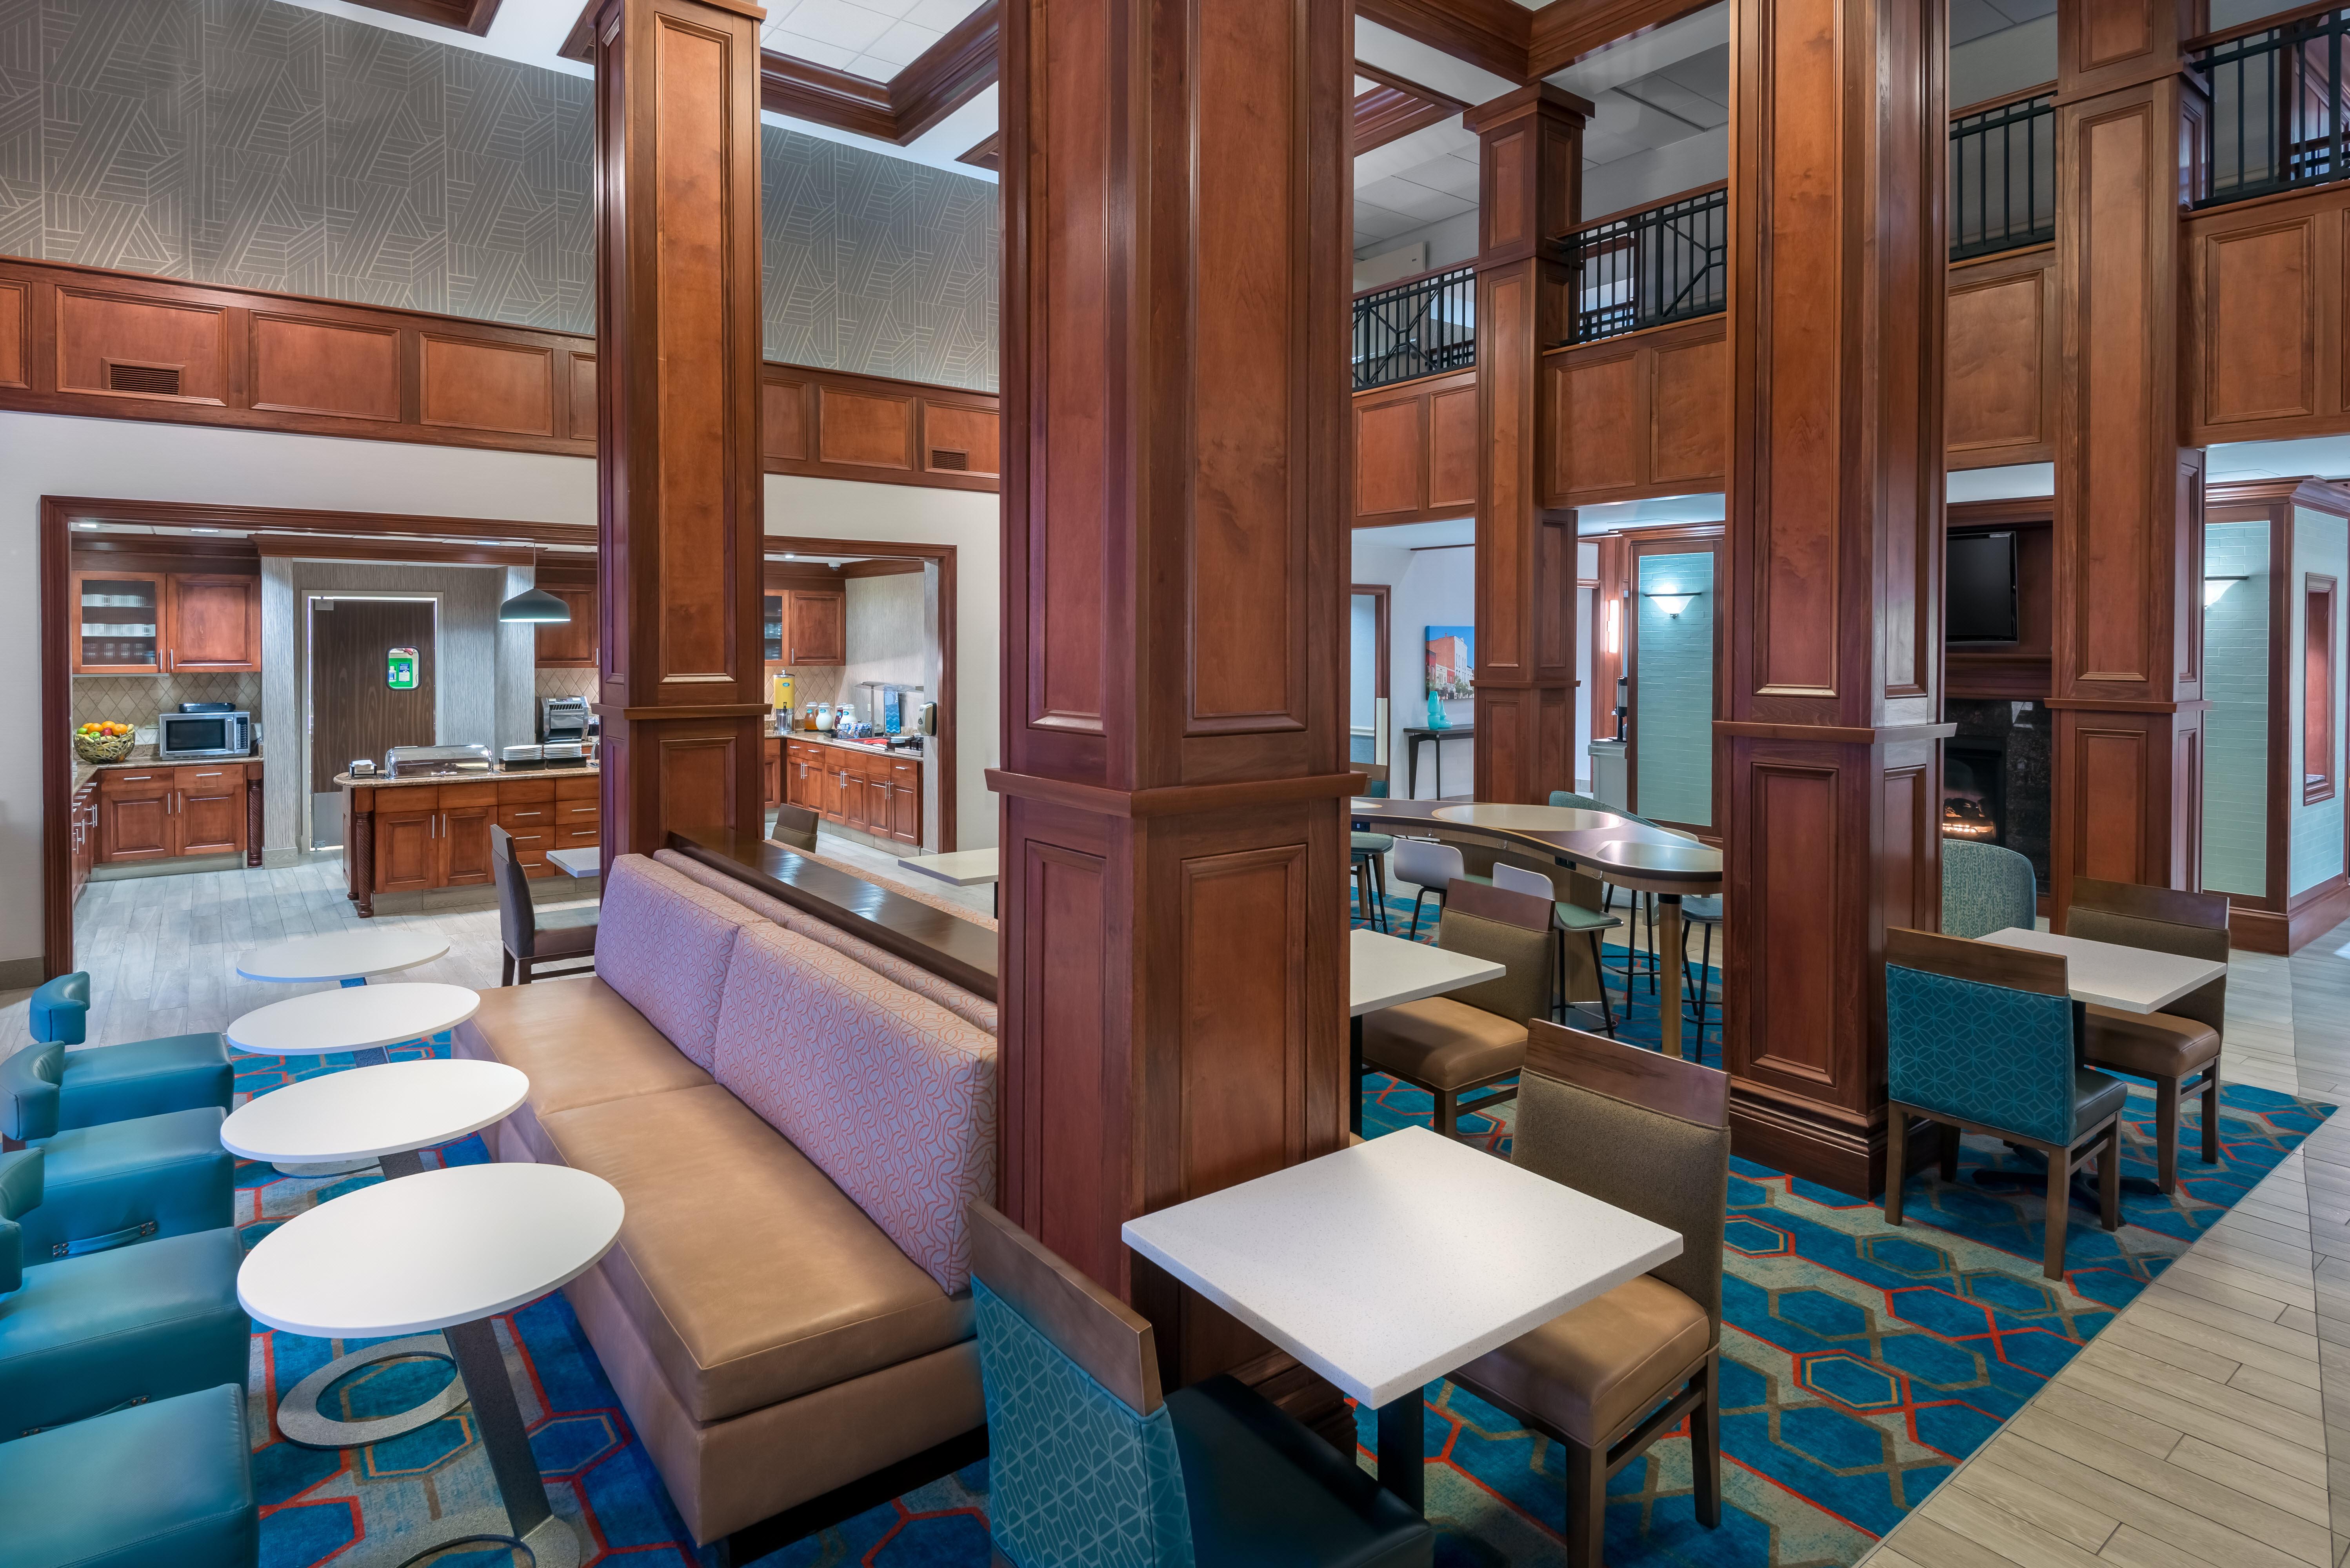 Homewood Suites by Hilton Cleveland-Beachwood image 15